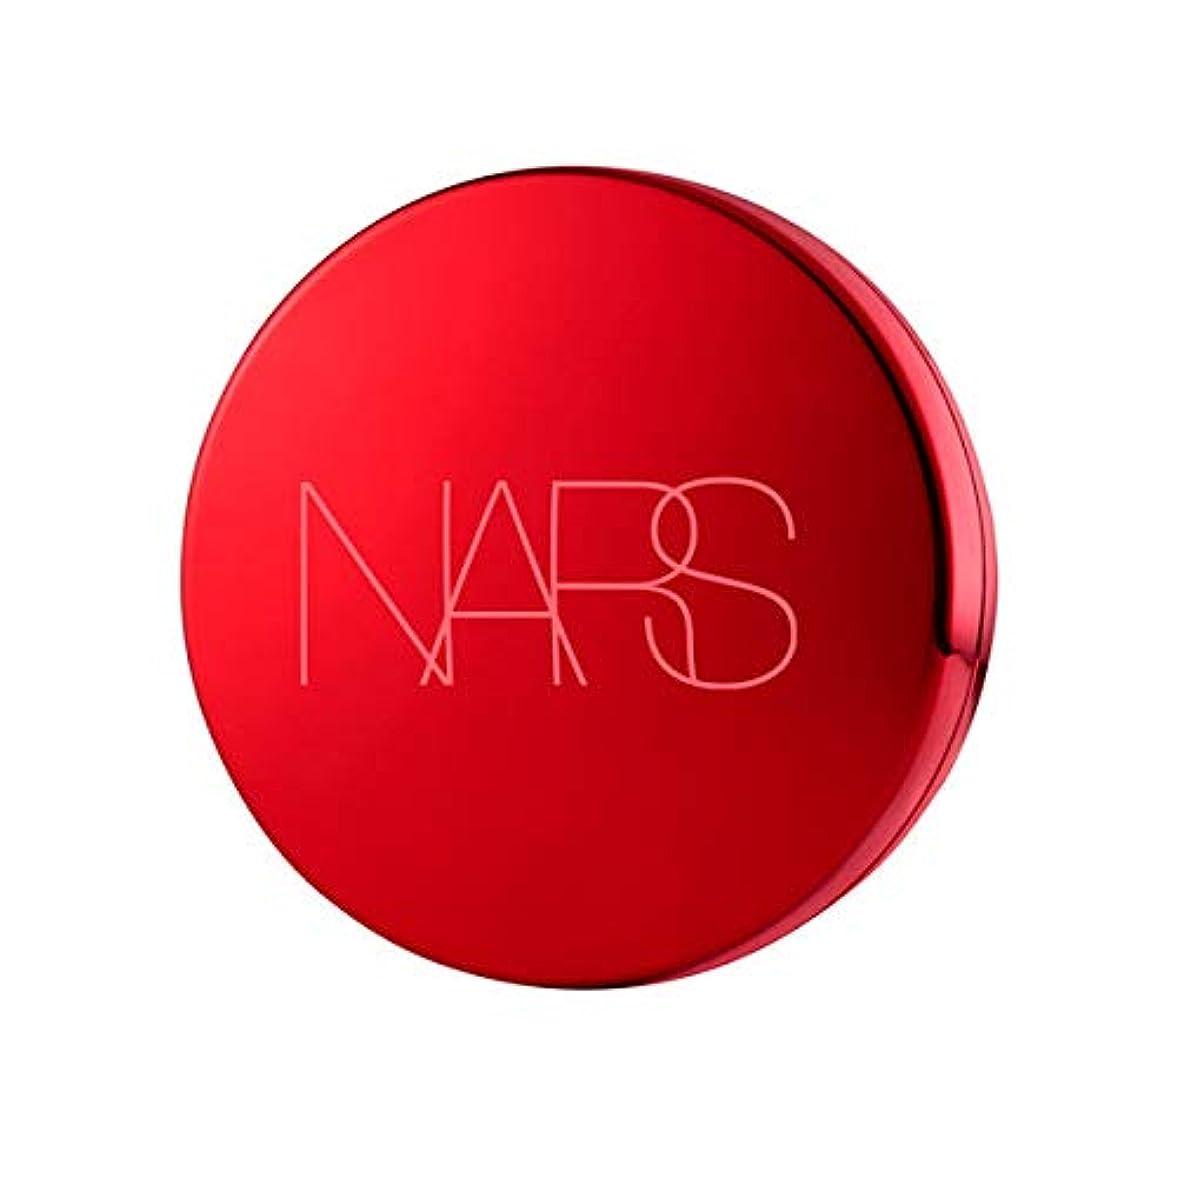 持っているハンサム甘い【NARS(ナーズ)】 アクアティックグロー クッションコンパクト スペシャルエディションケース